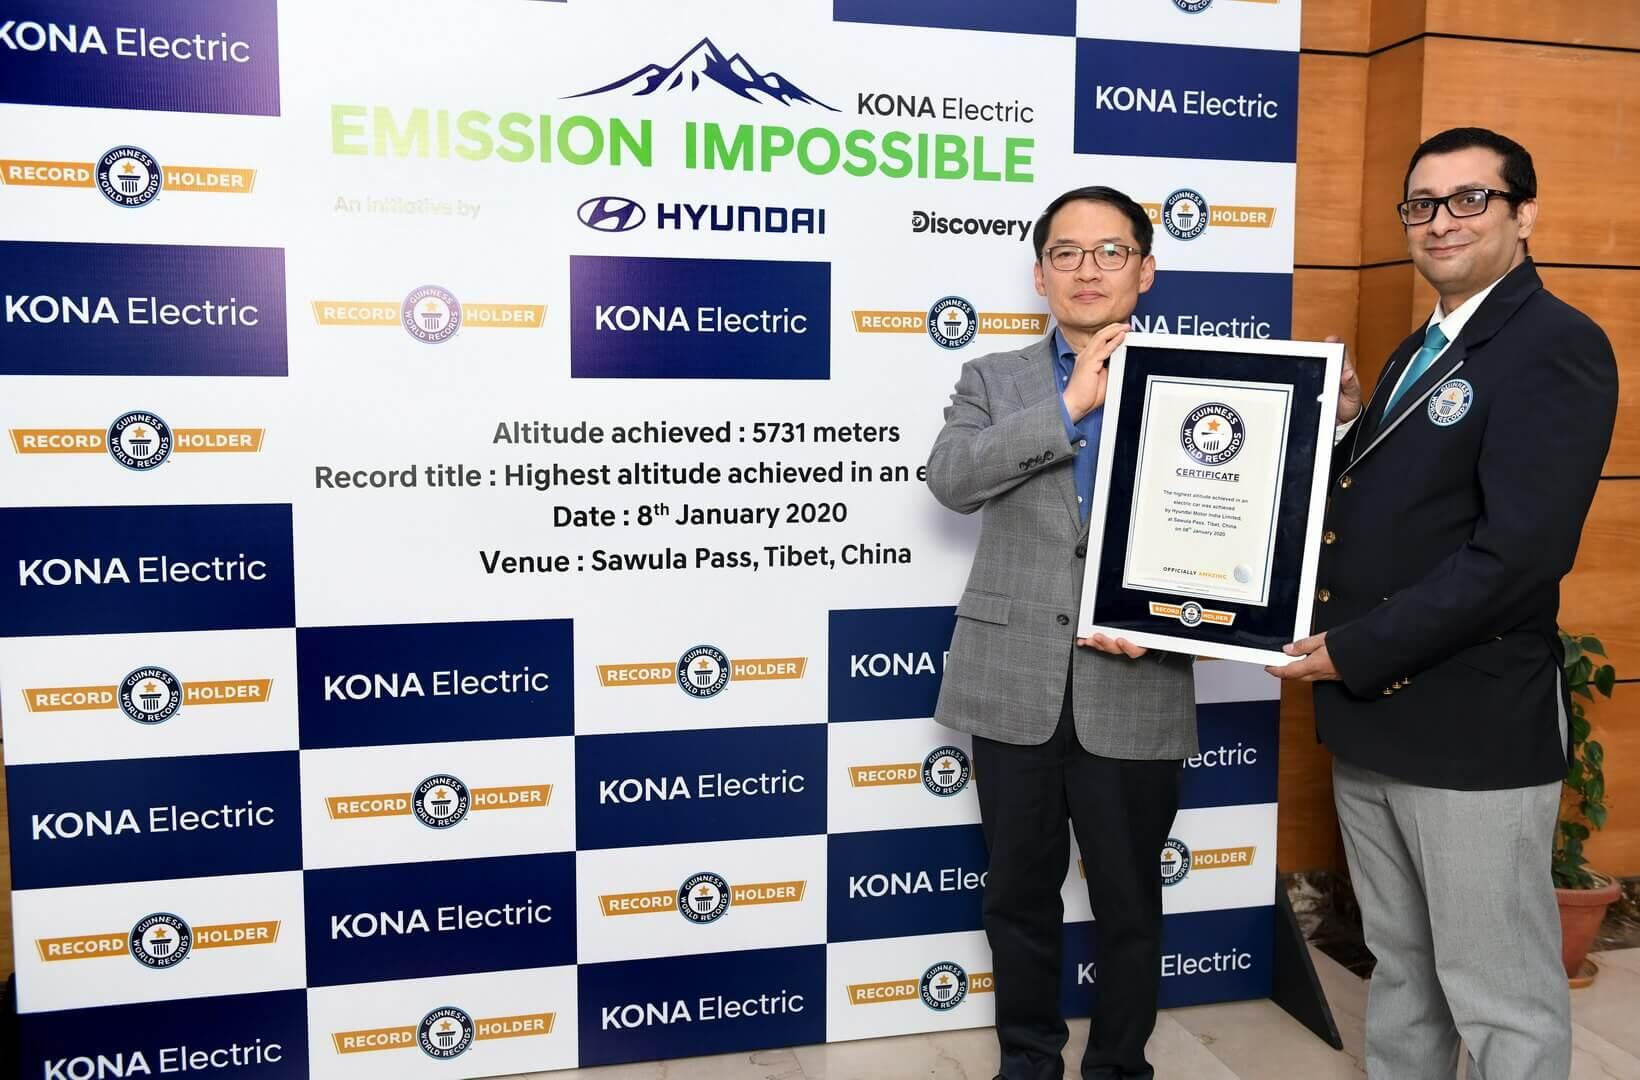 Hyundai Kona Electric устанавливает новый мировой рекорд Гиннеса